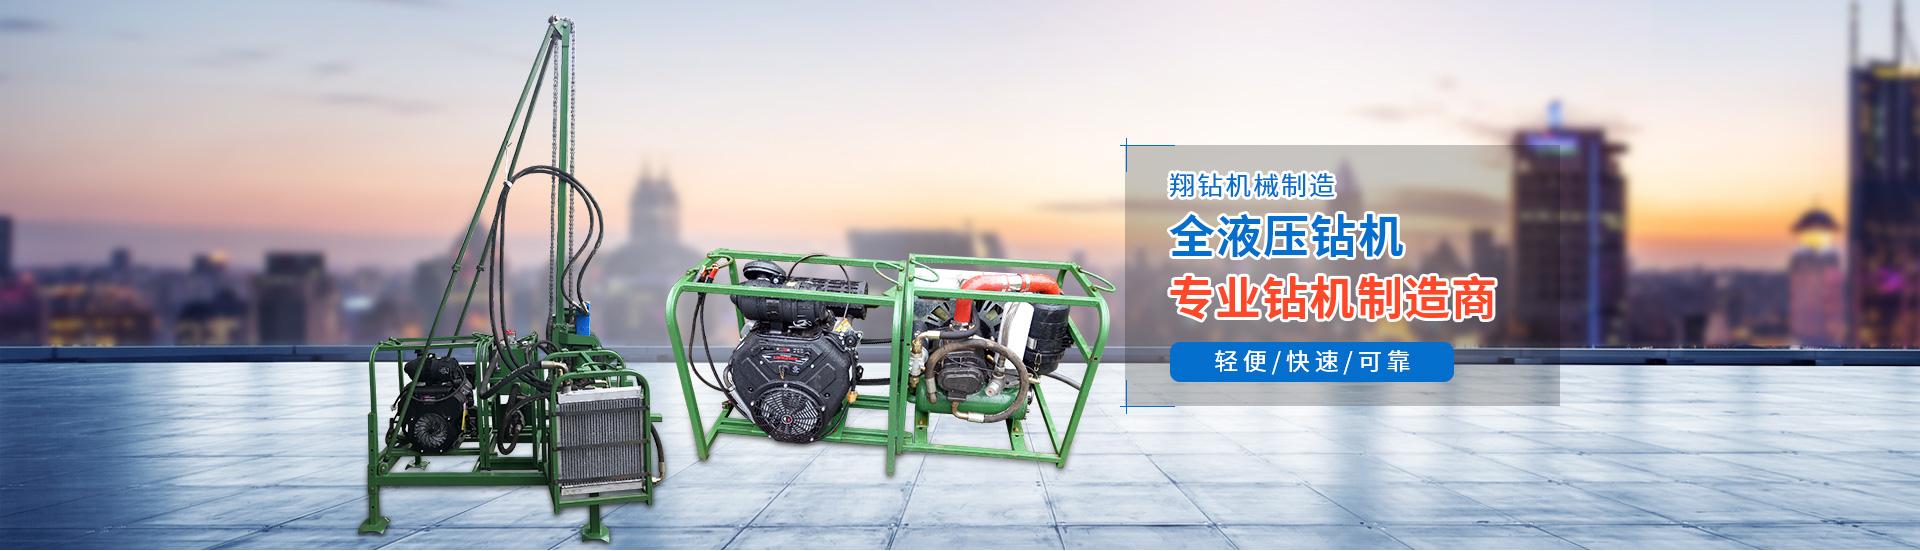 重庆钻机厂家